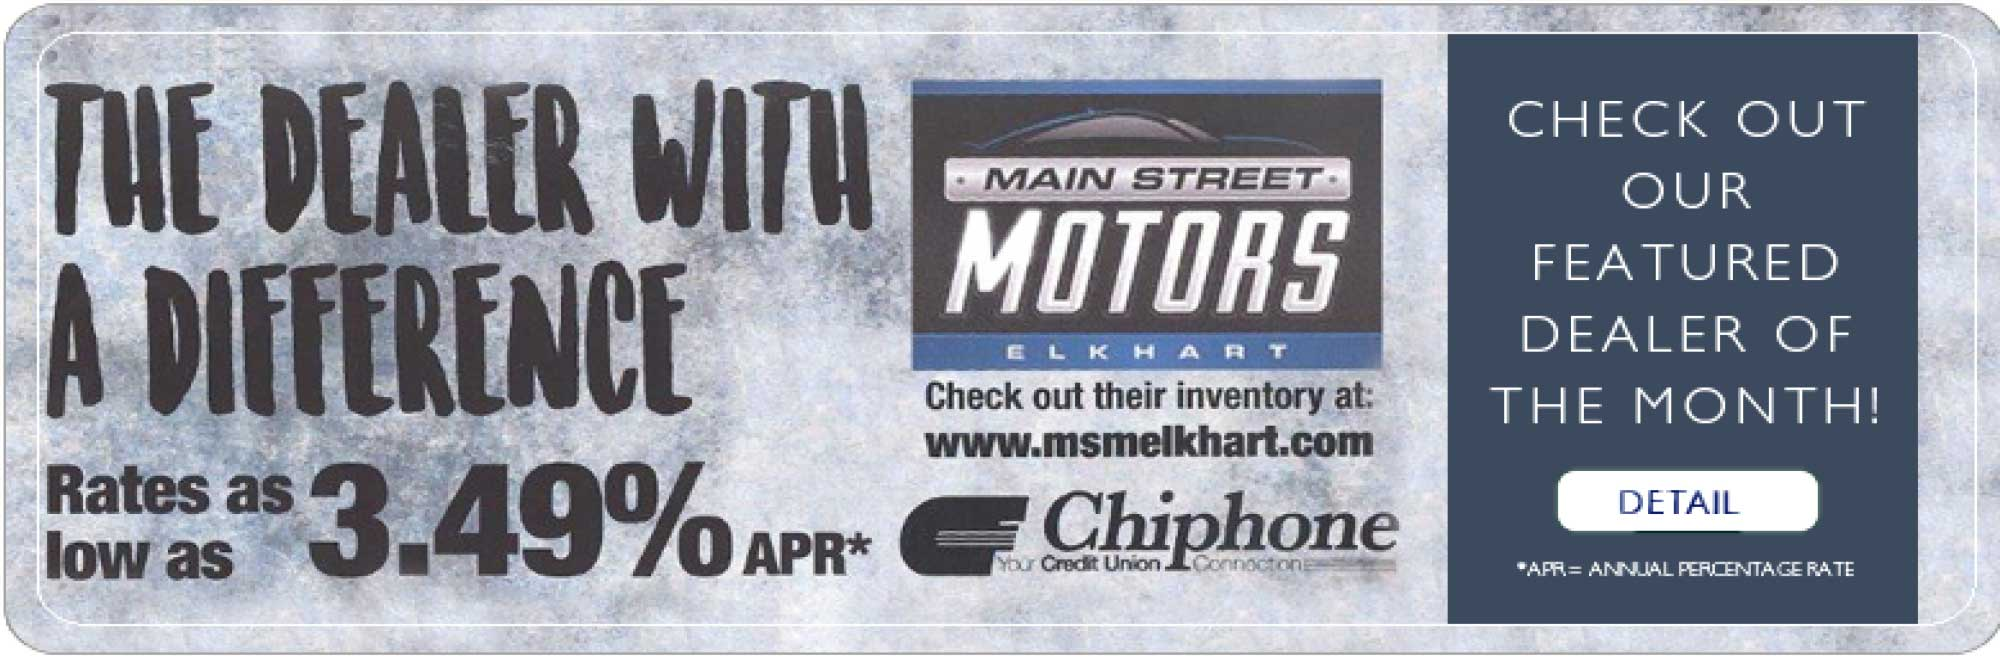 Main St Motors